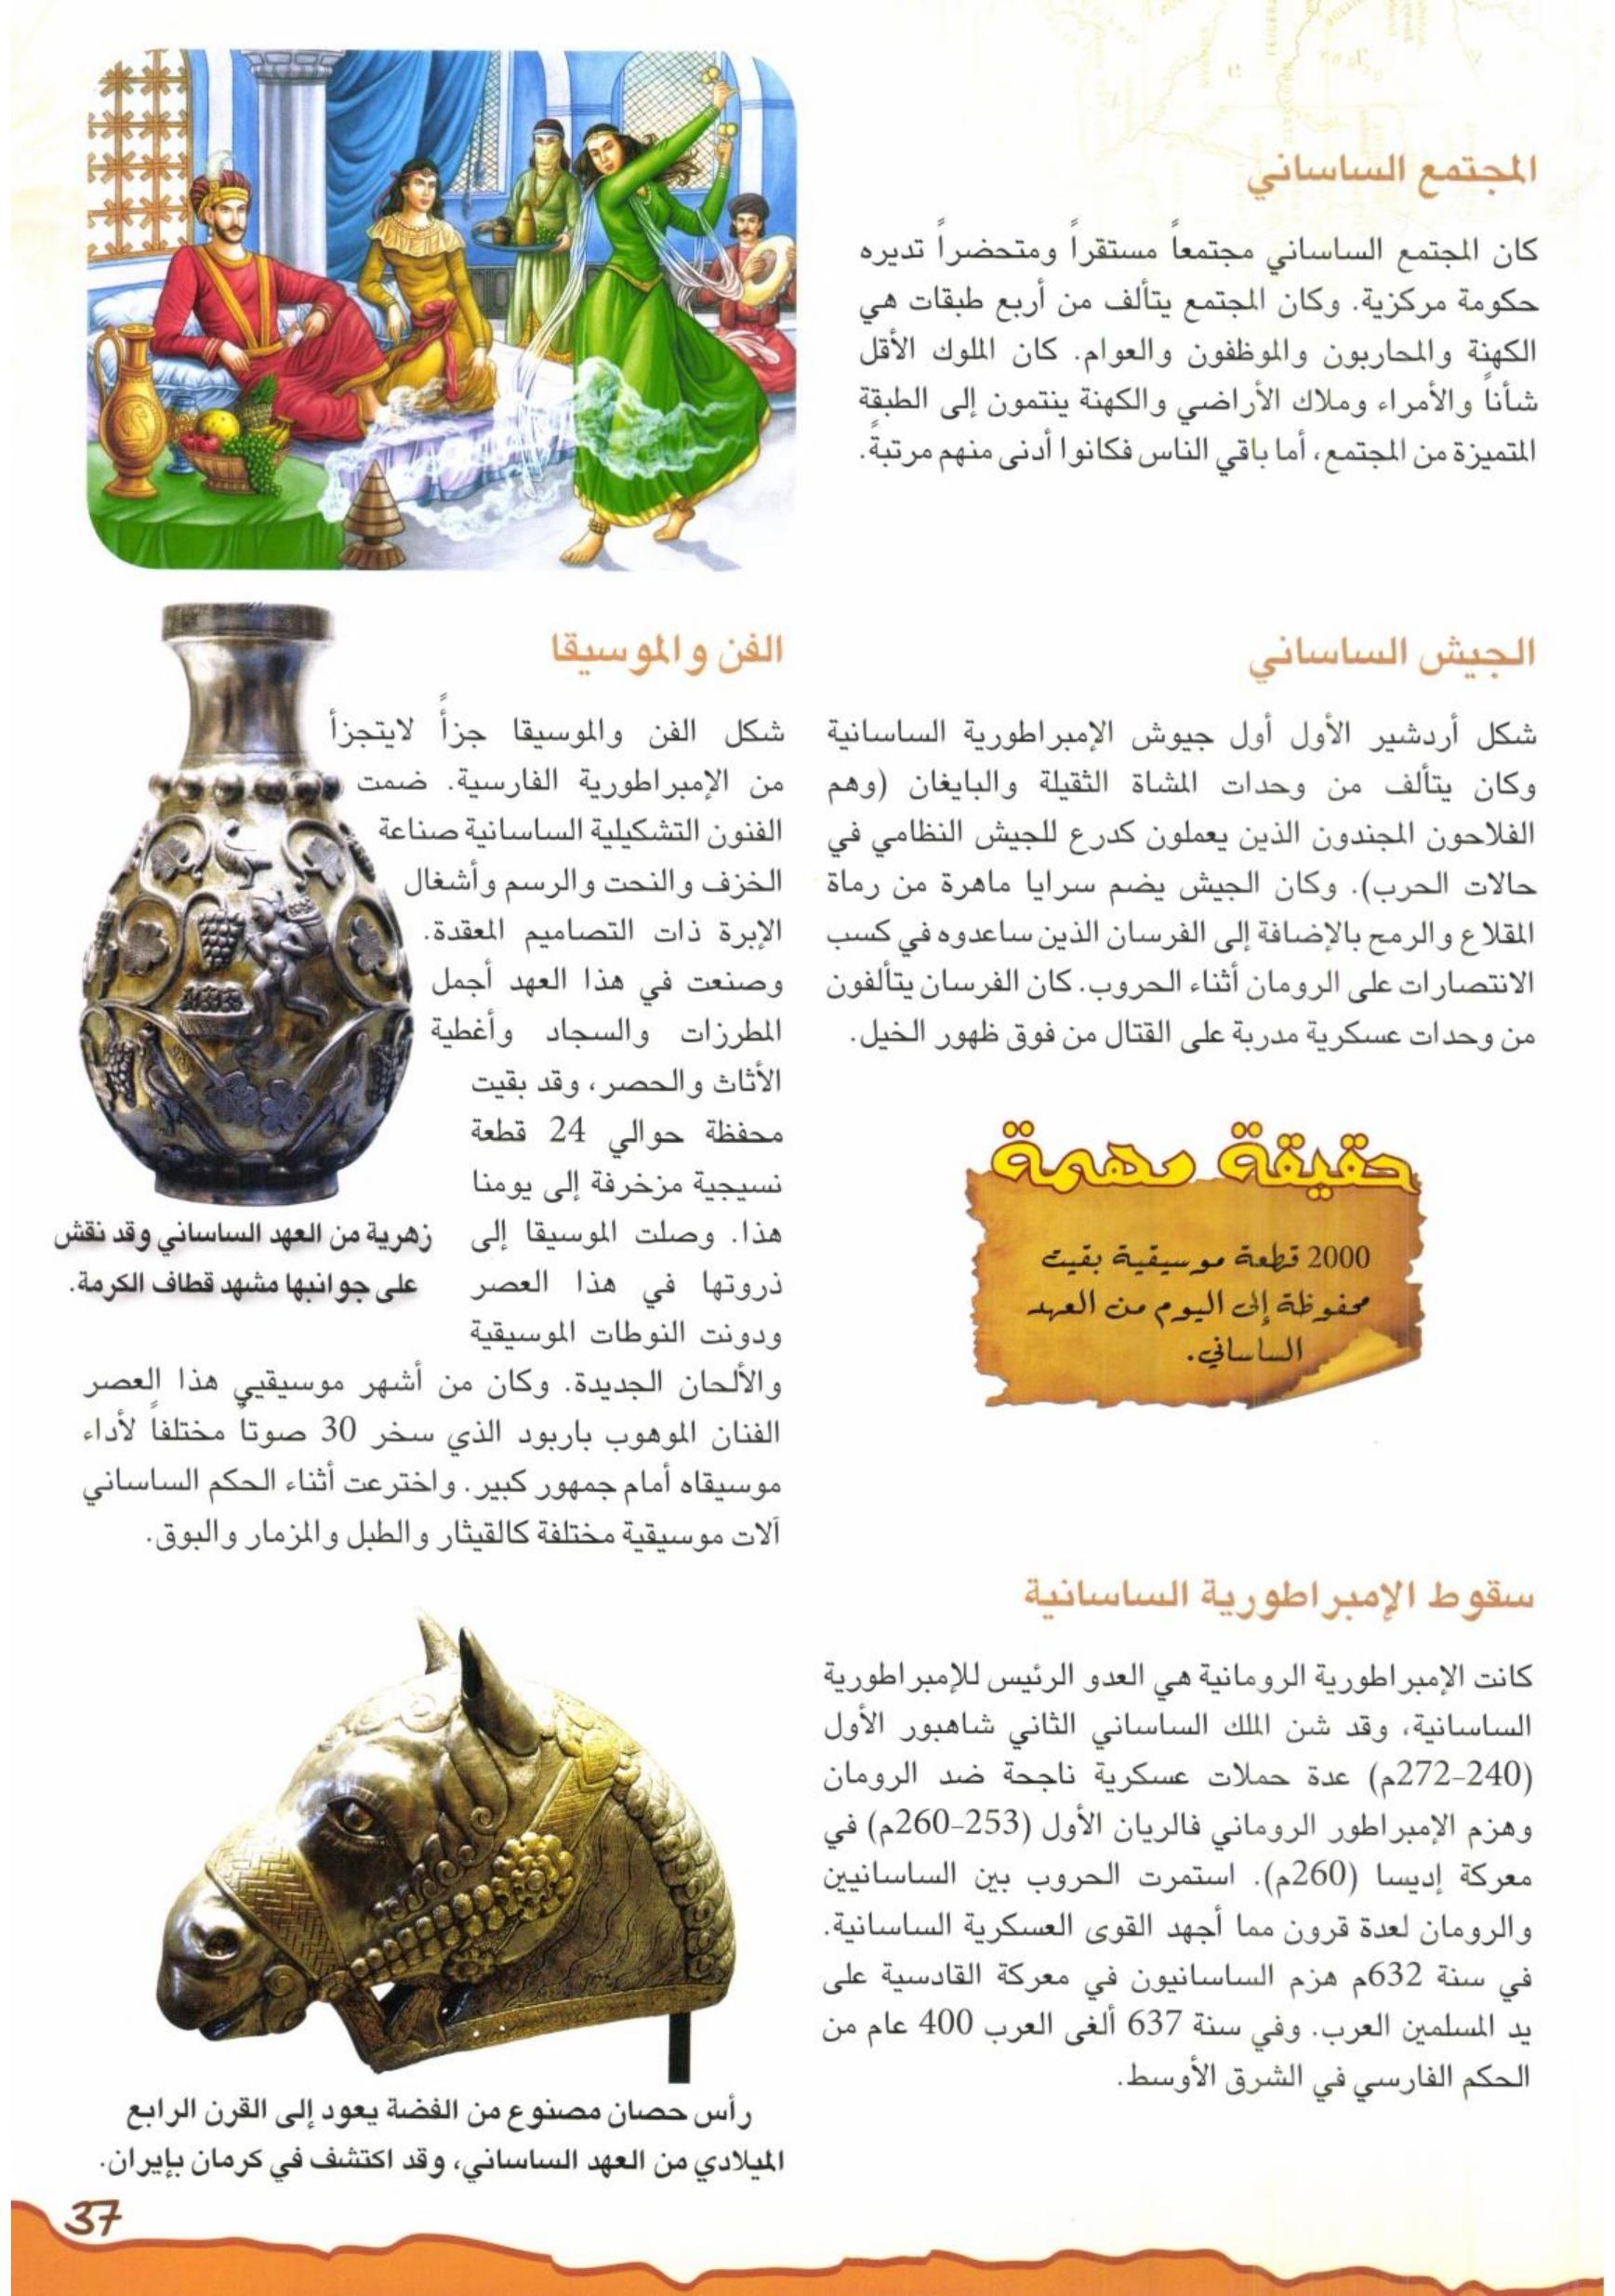 أطلس حضارات العالم القديمة Free Download Borrow And Streaming Internet Archive Beautiful Arabic Words History Arabic Words